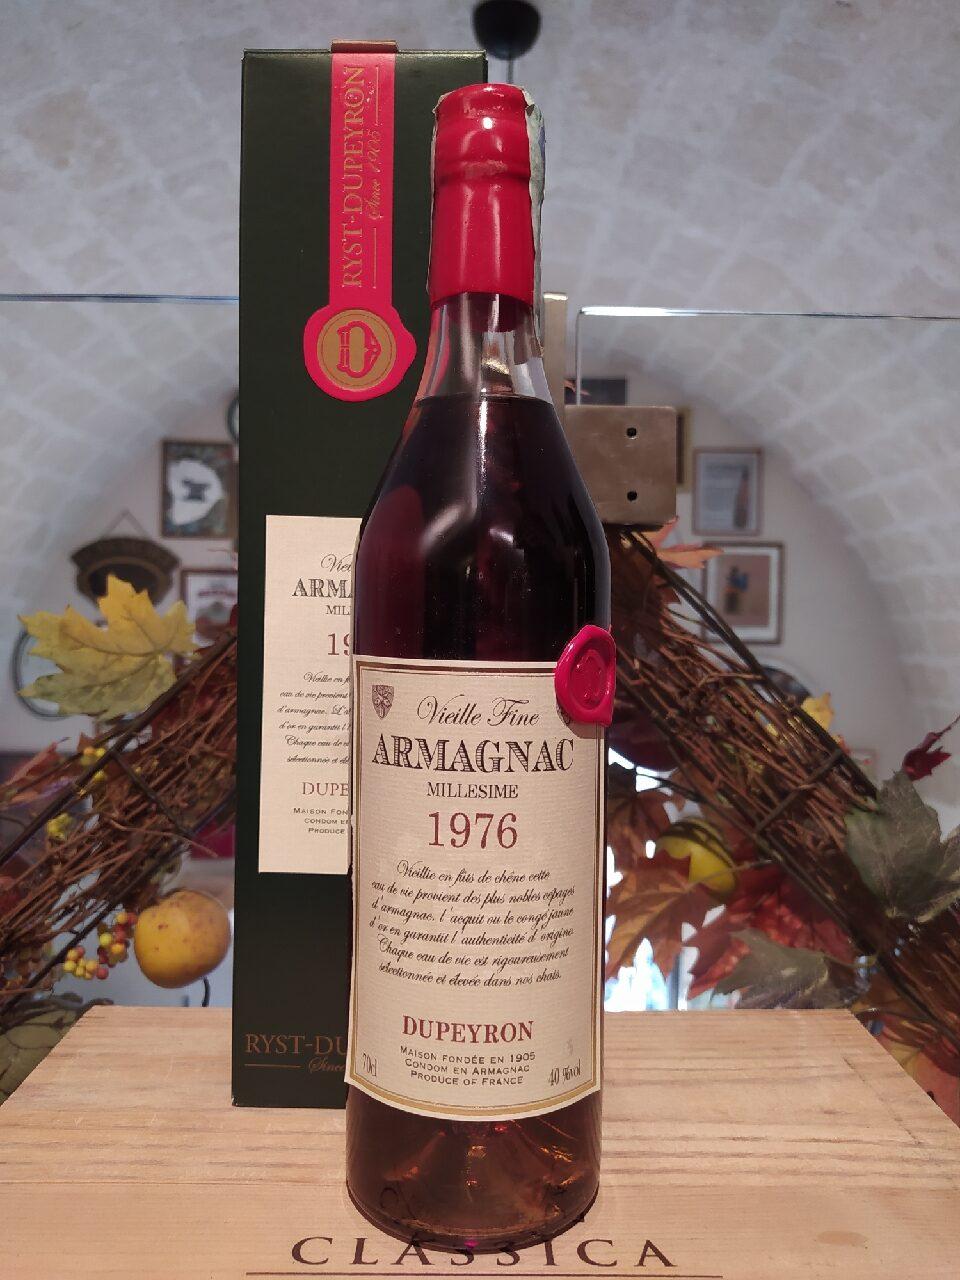 Dupeyron Armagnac Millesime 1976